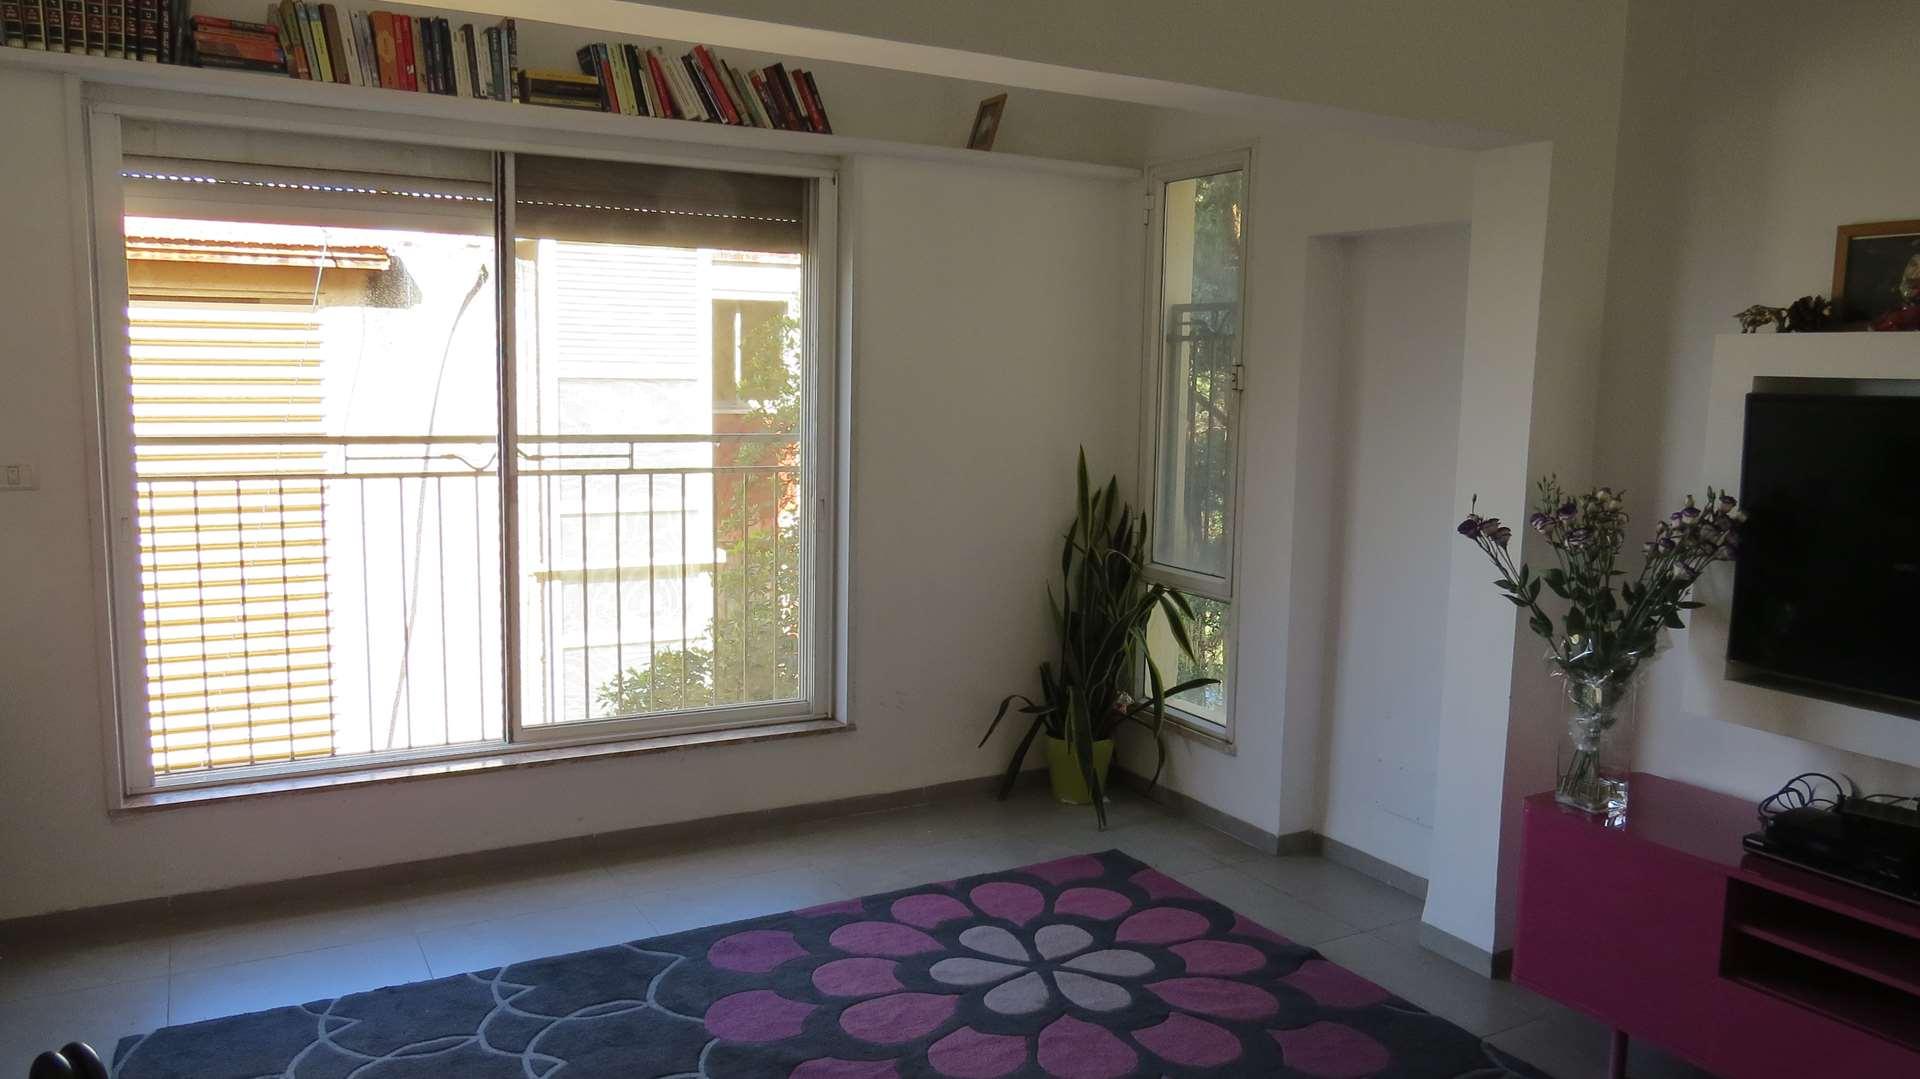 דירה למכירה 4 חדרים בחיפה דוד פינסקי